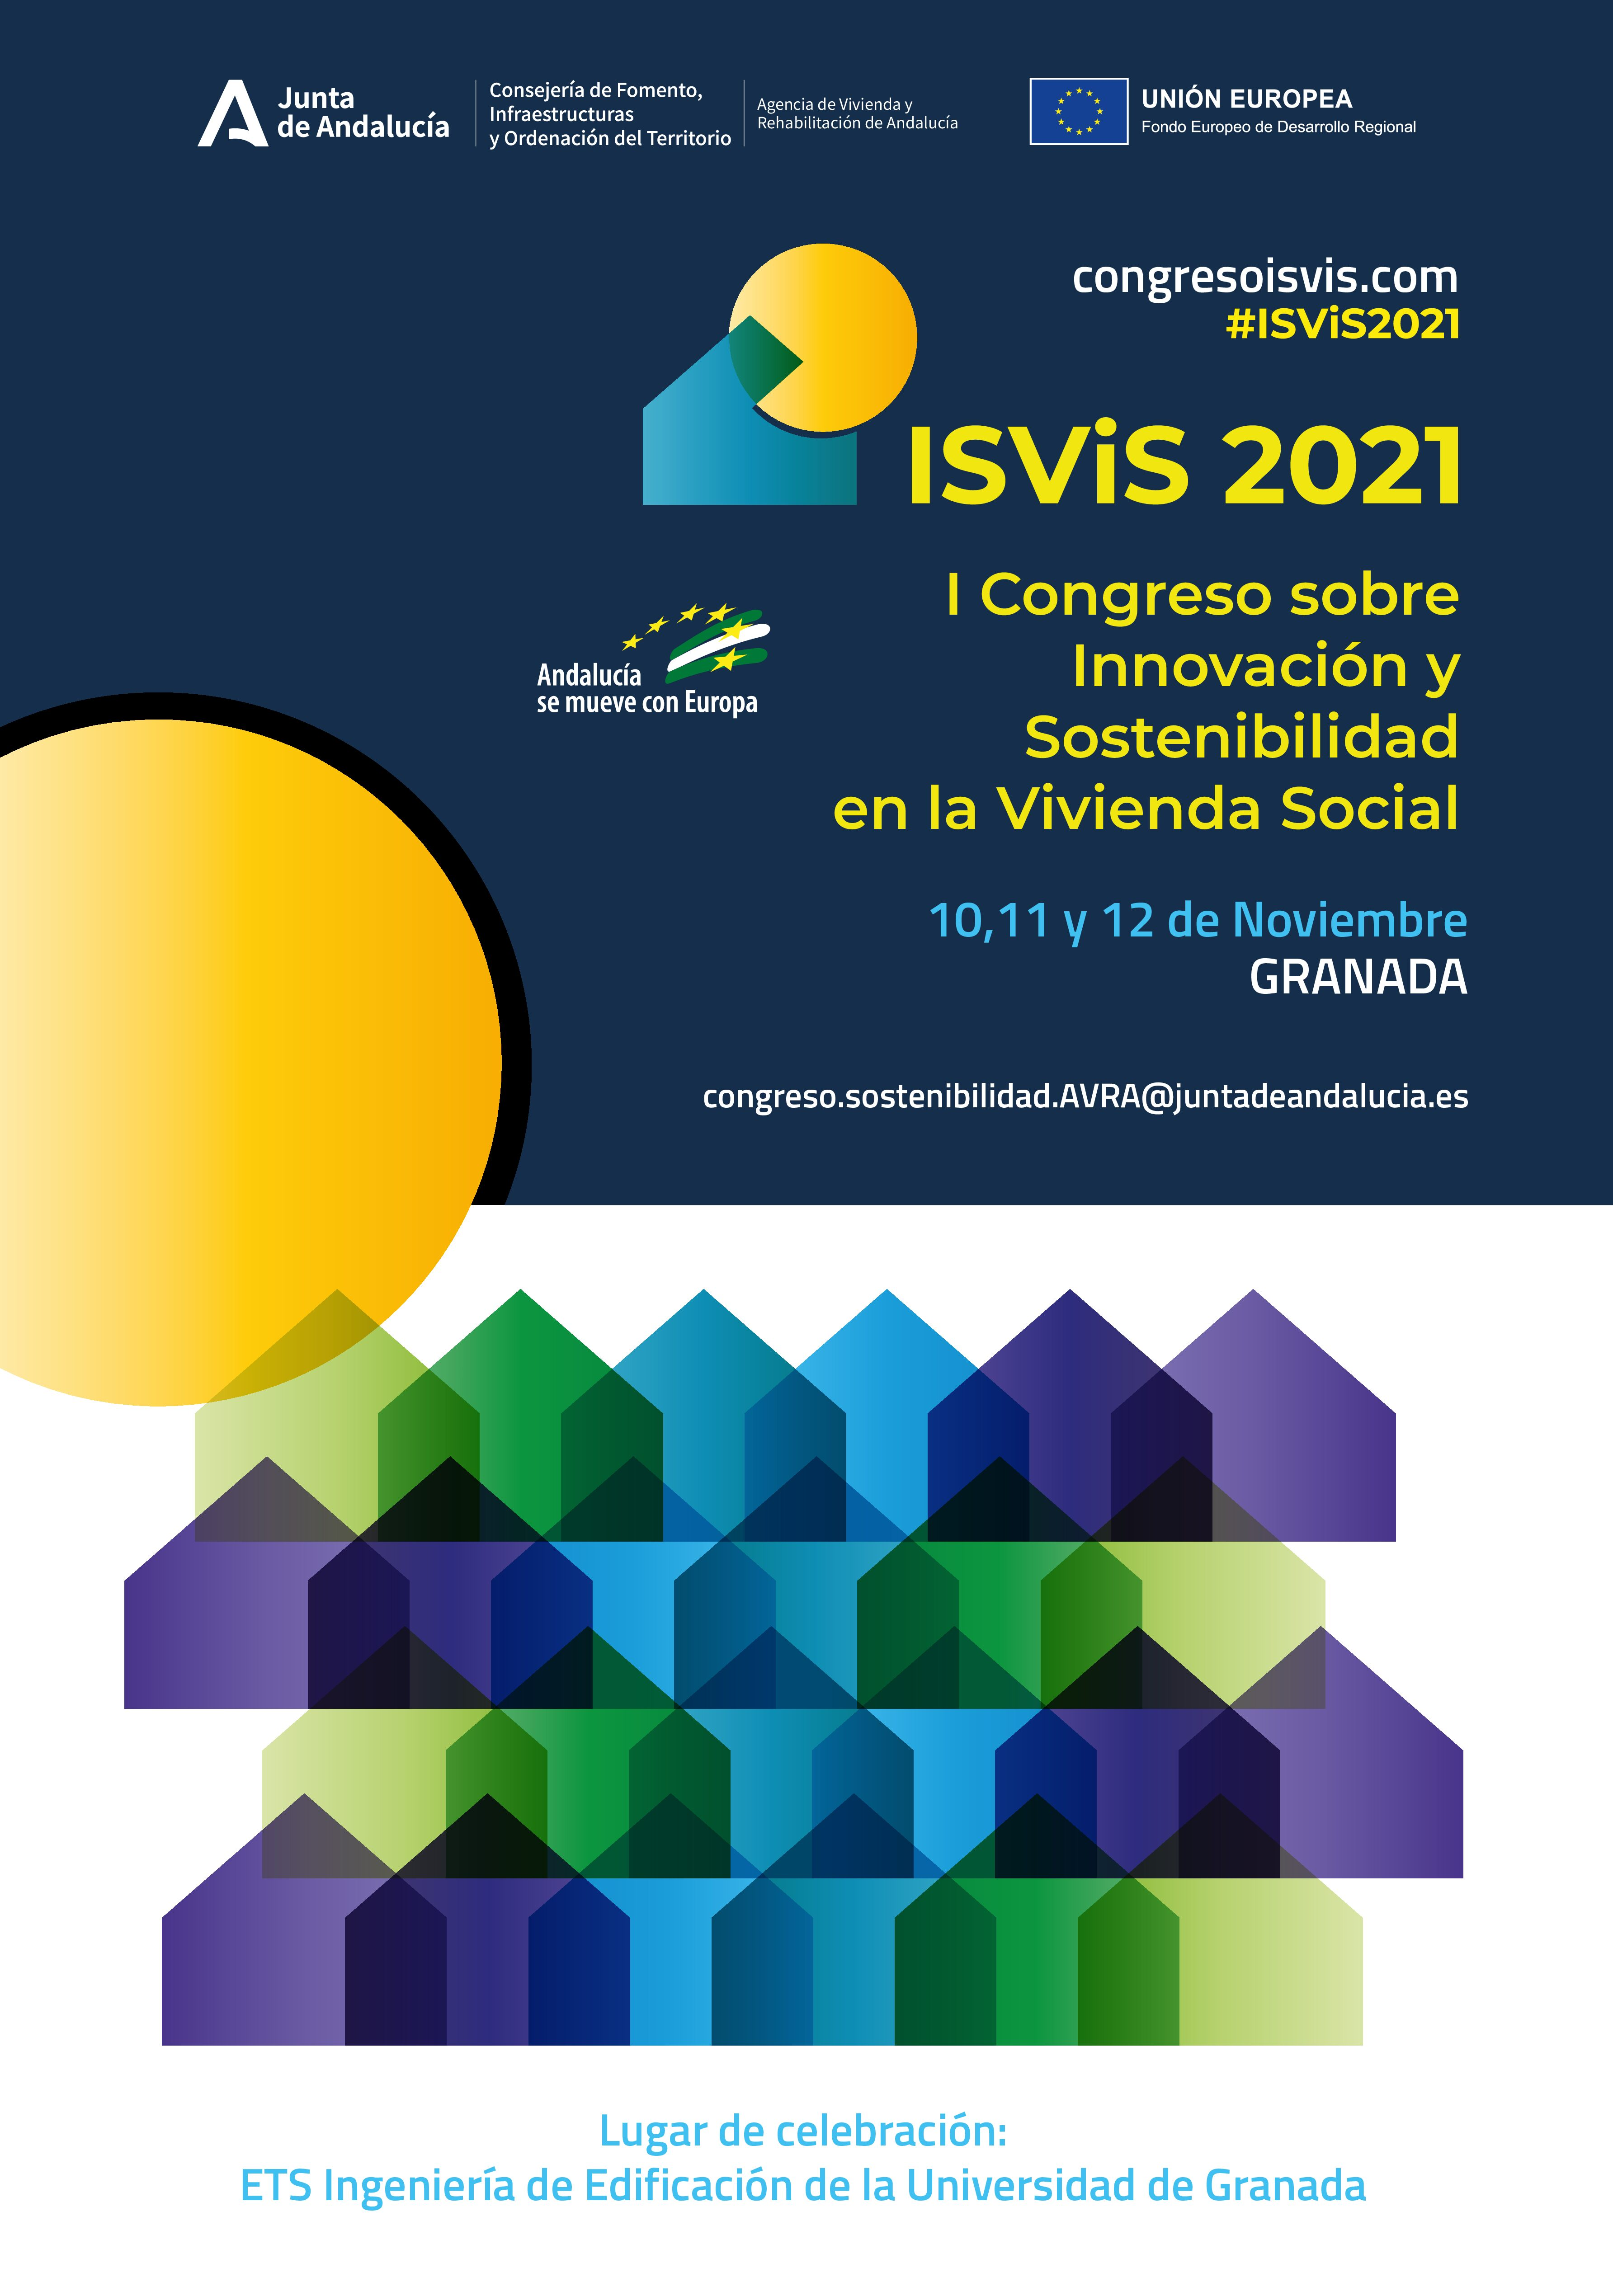 Granada acogerá el I Congreso sobre Innovación y Sostenibilidad en vivienda social en Andalucía